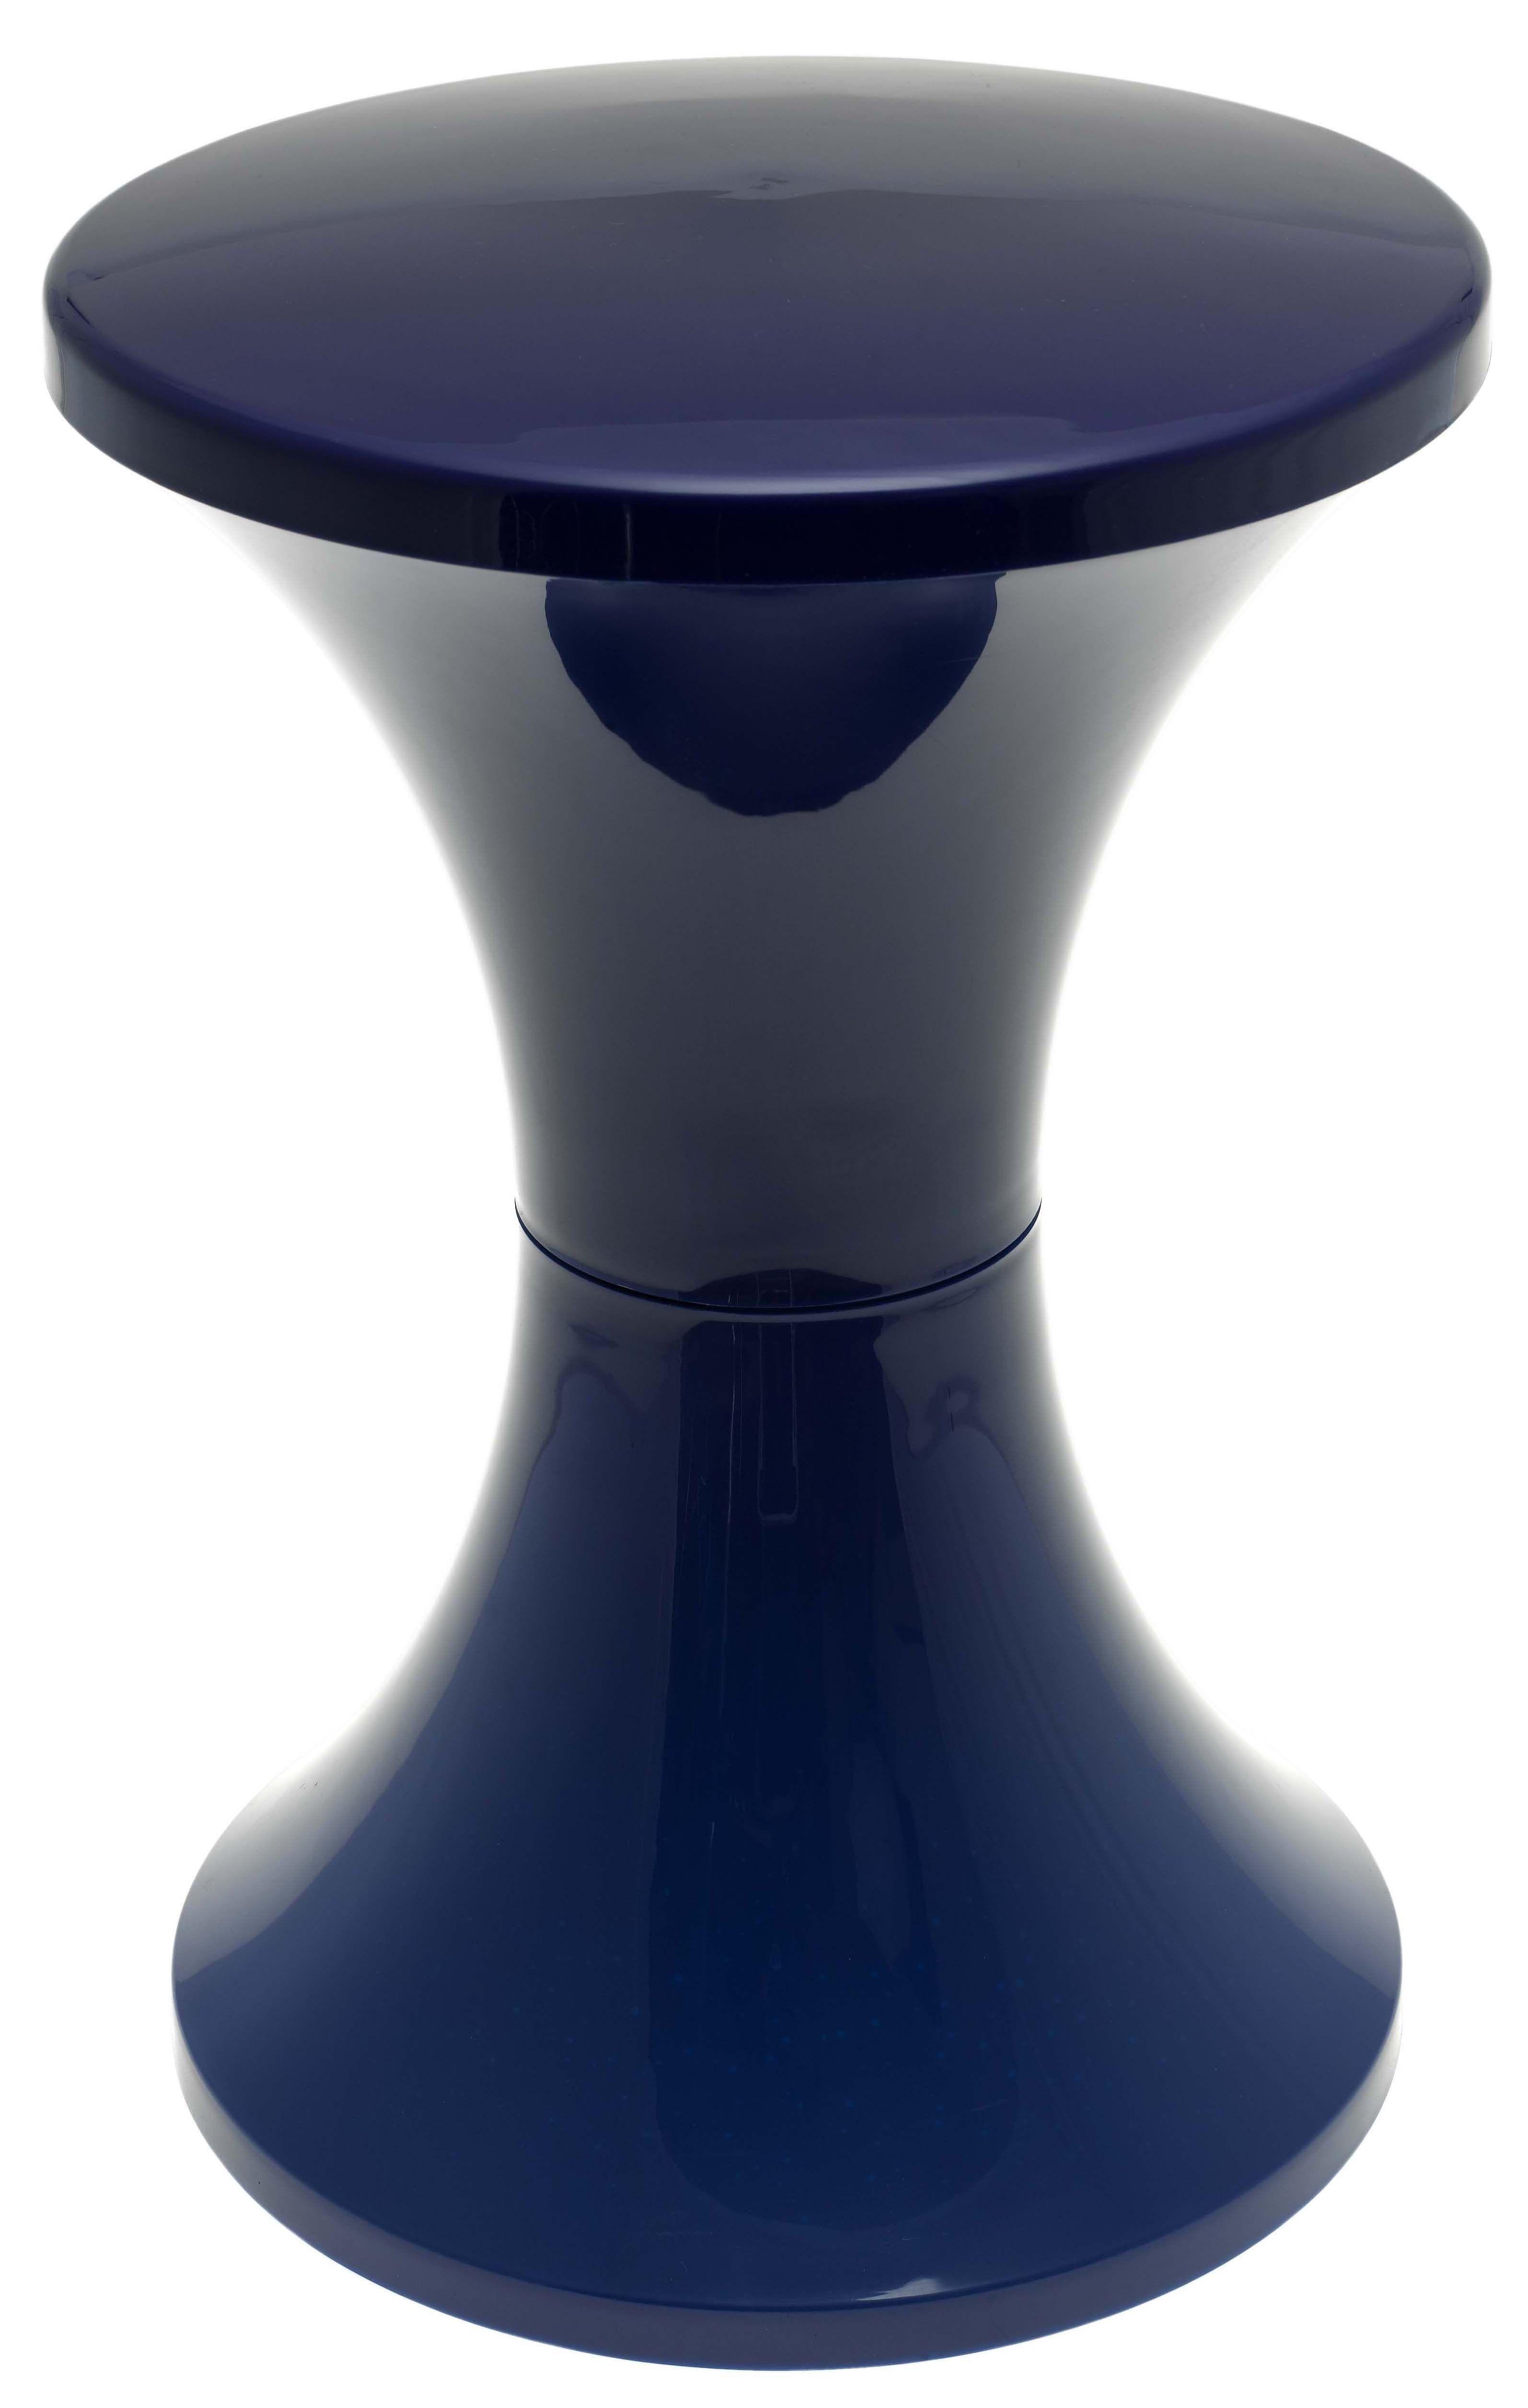 Mobilier - Tabourets bas - Tabouret Tam Tam Pop / Plastique - Stamp Edition - Bleu Navy - Polypropylène